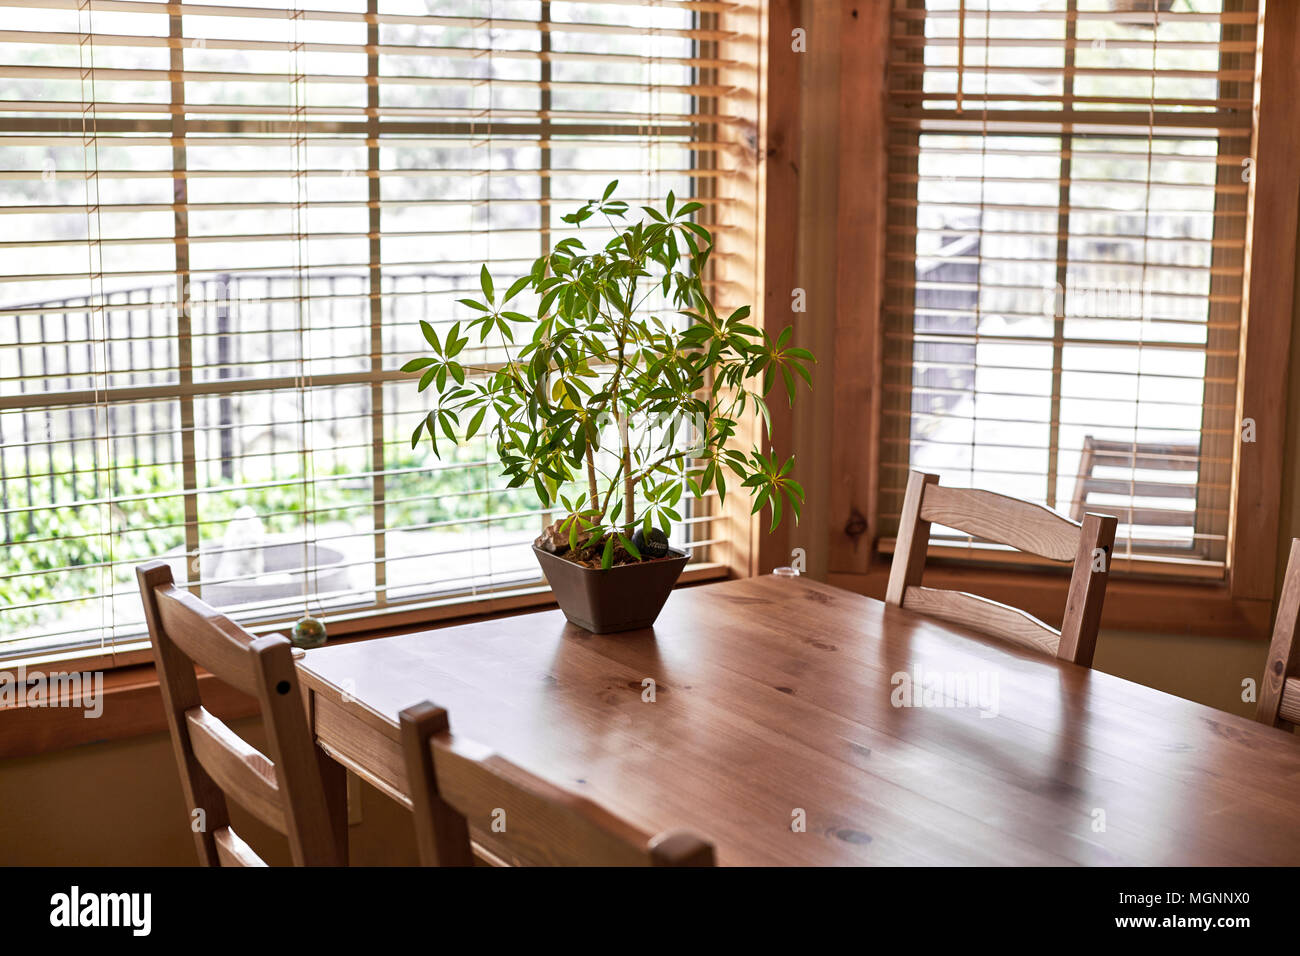 Une table et chaises en bois avec des fenêtres tout autour et une plante en pot sur la table Photo Stock